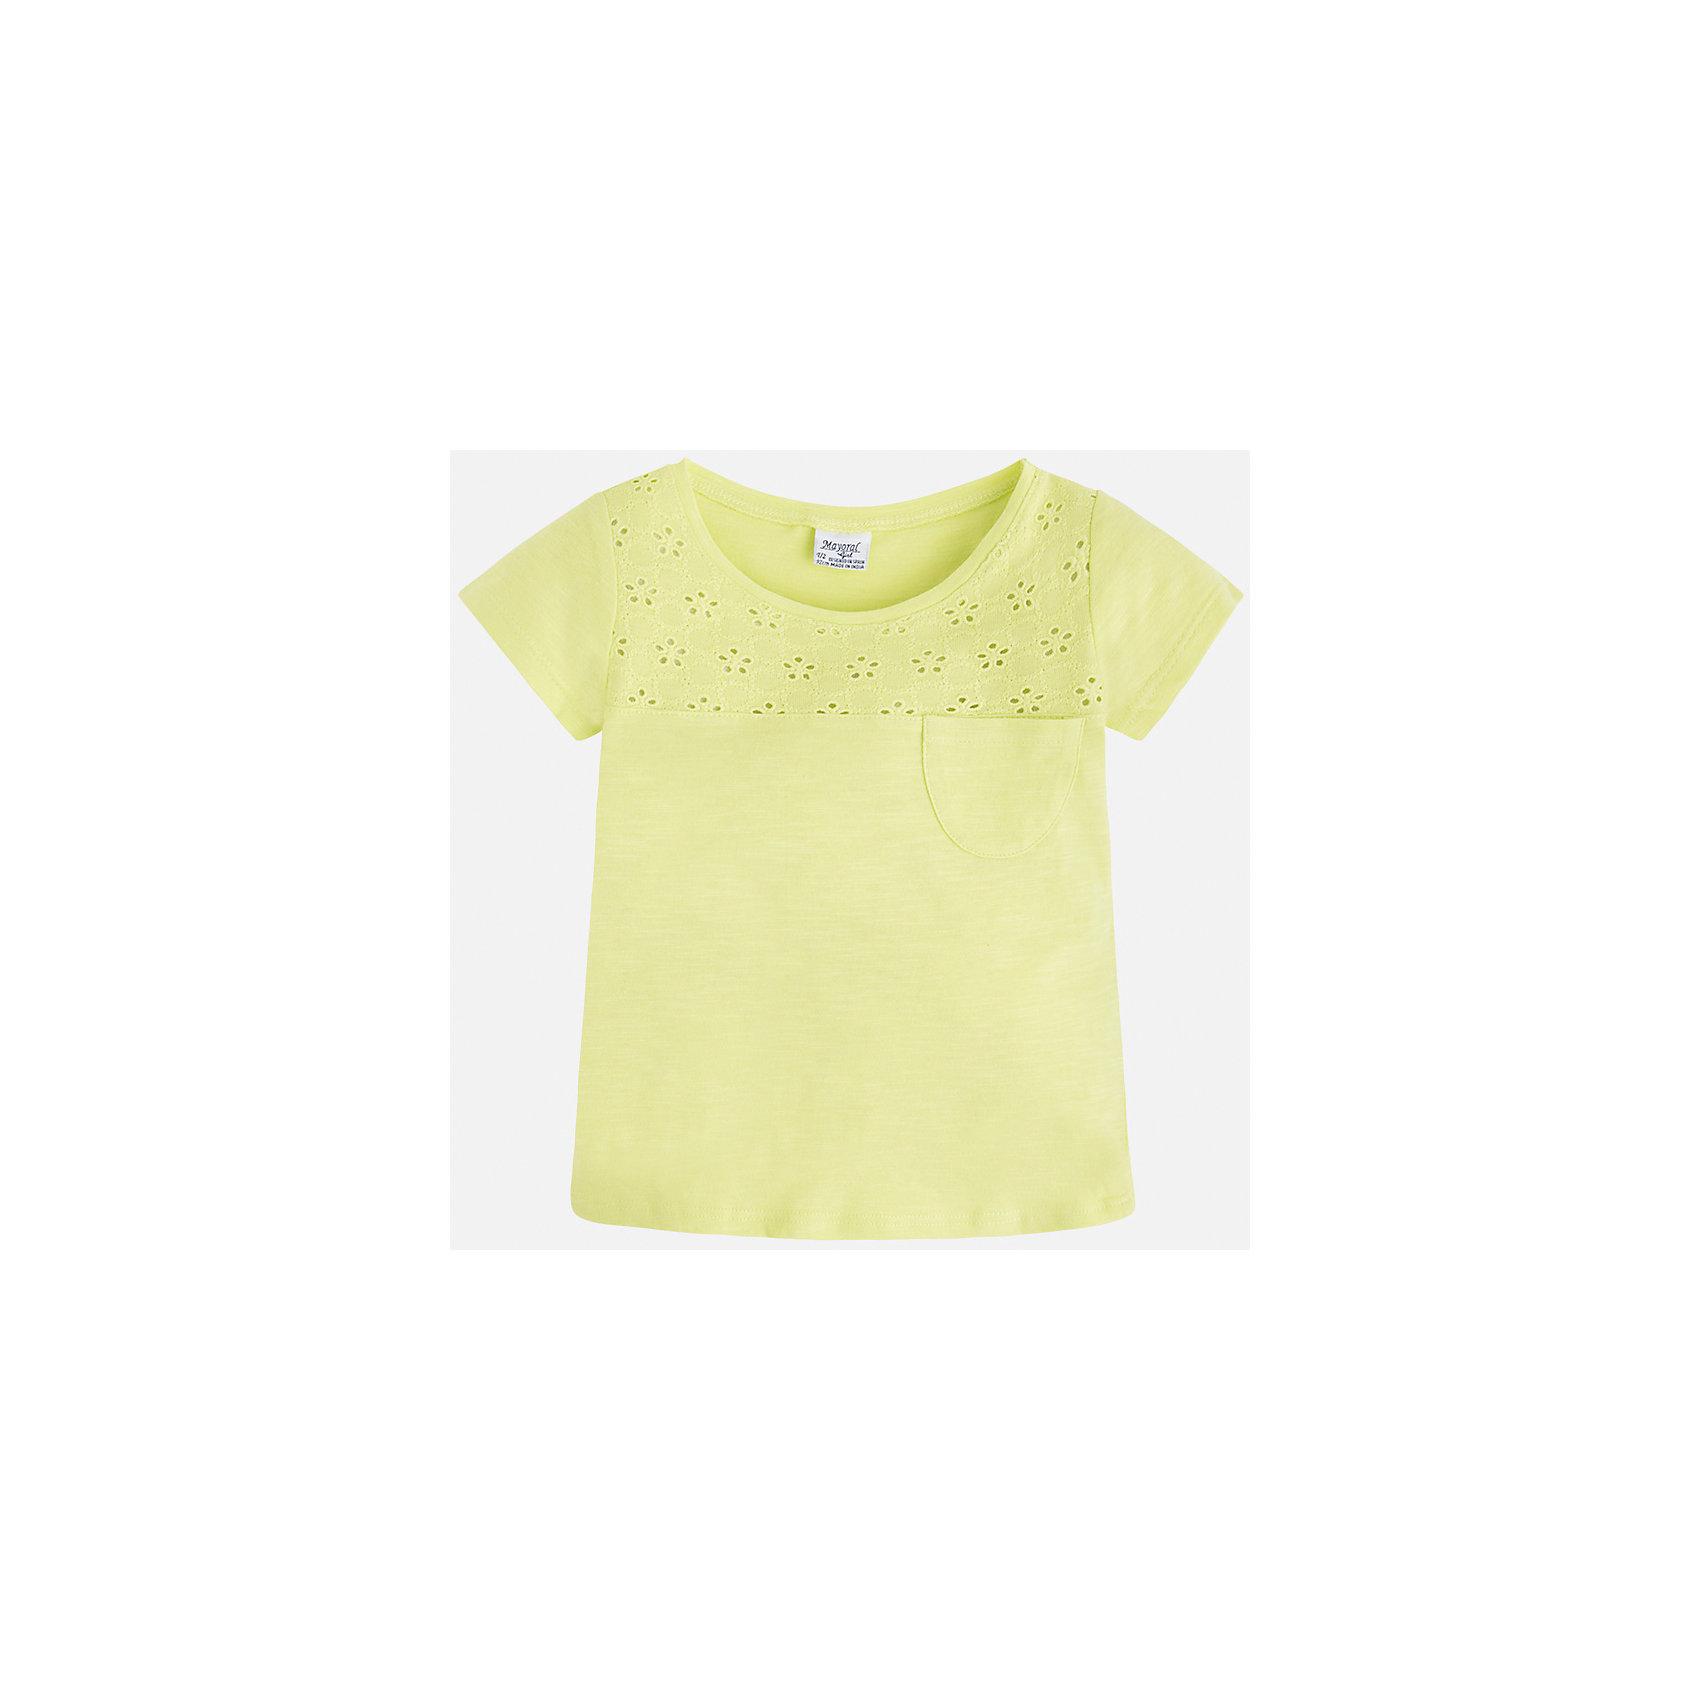 Футболка для девочки MayoralФутболки, поло и топы<br>Характеристики товара:<br><br>• цвет: желтый<br>• состав: 100% хлопок<br>• ажурный верх<br>• карман на груди<br>• короткие рукава<br>• округлый горловой вырез<br>• страна бренда: Испания<br><br>Стильная качественная футболка для девочки поможет разнообразить гардероб ребенка и украсить наряд. Она отлично сочетается и с юбками, и с шортами, и с брюками. Универсальный цвет позволяет подобрать к вещи низ практически любой расцветки. Интересная отделка модели делает её нарядной и оригинальной. В составе ткани преобладает натуральный хлопок, гипоаллергенный, приятный на ощупь, дышащий.<br><br>Одежда, обувь и аксессуары от испанского бренда Mayoral полюбились детям и взрослым по всему миру. Модели этой марки - стильные и удобные. Для их производства используются только безопасные, качественные материалы и фурнитура. Порадуйте ребенка модными и красивыми вещами от Mayoral! <br><br>Футболку для девочки от испанского бренда Mayoral (Майорал) можно купить в нашем интернет-магазине.<br><br>Ширина мм: 199<br>Глубина мм: 10<br>Высота мм: 161<br>Вес г: 151<br>Цвет: желтый<br>Возраст от месяцев: 96<br>Возраст до месяцев: 108<br>Пол: Женский<br>Возраст: Детский<br>Размер: 134,92,98,104,110,116,122,128<br>SKU: 5288538